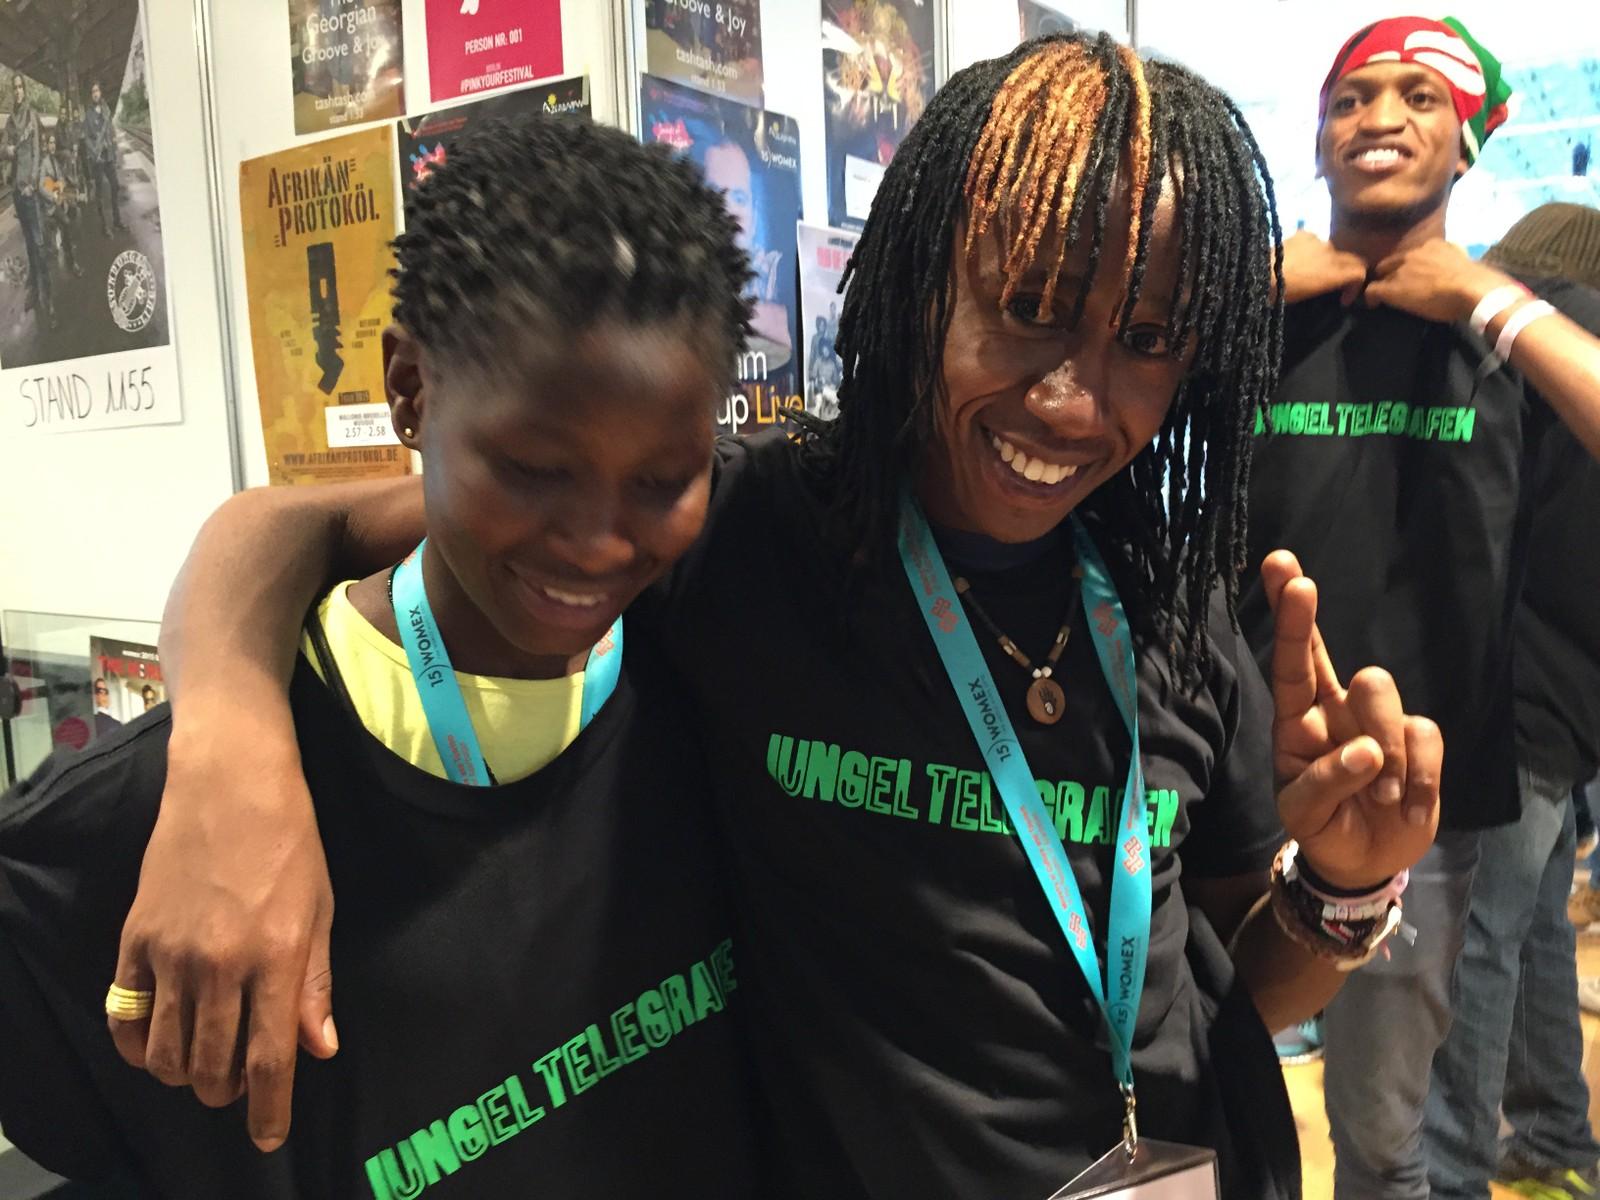 Sarabi fra slummen East Lands i Nairobi. Spilte live på Jungeltelegrafen under Womex 2015 i Budapest.